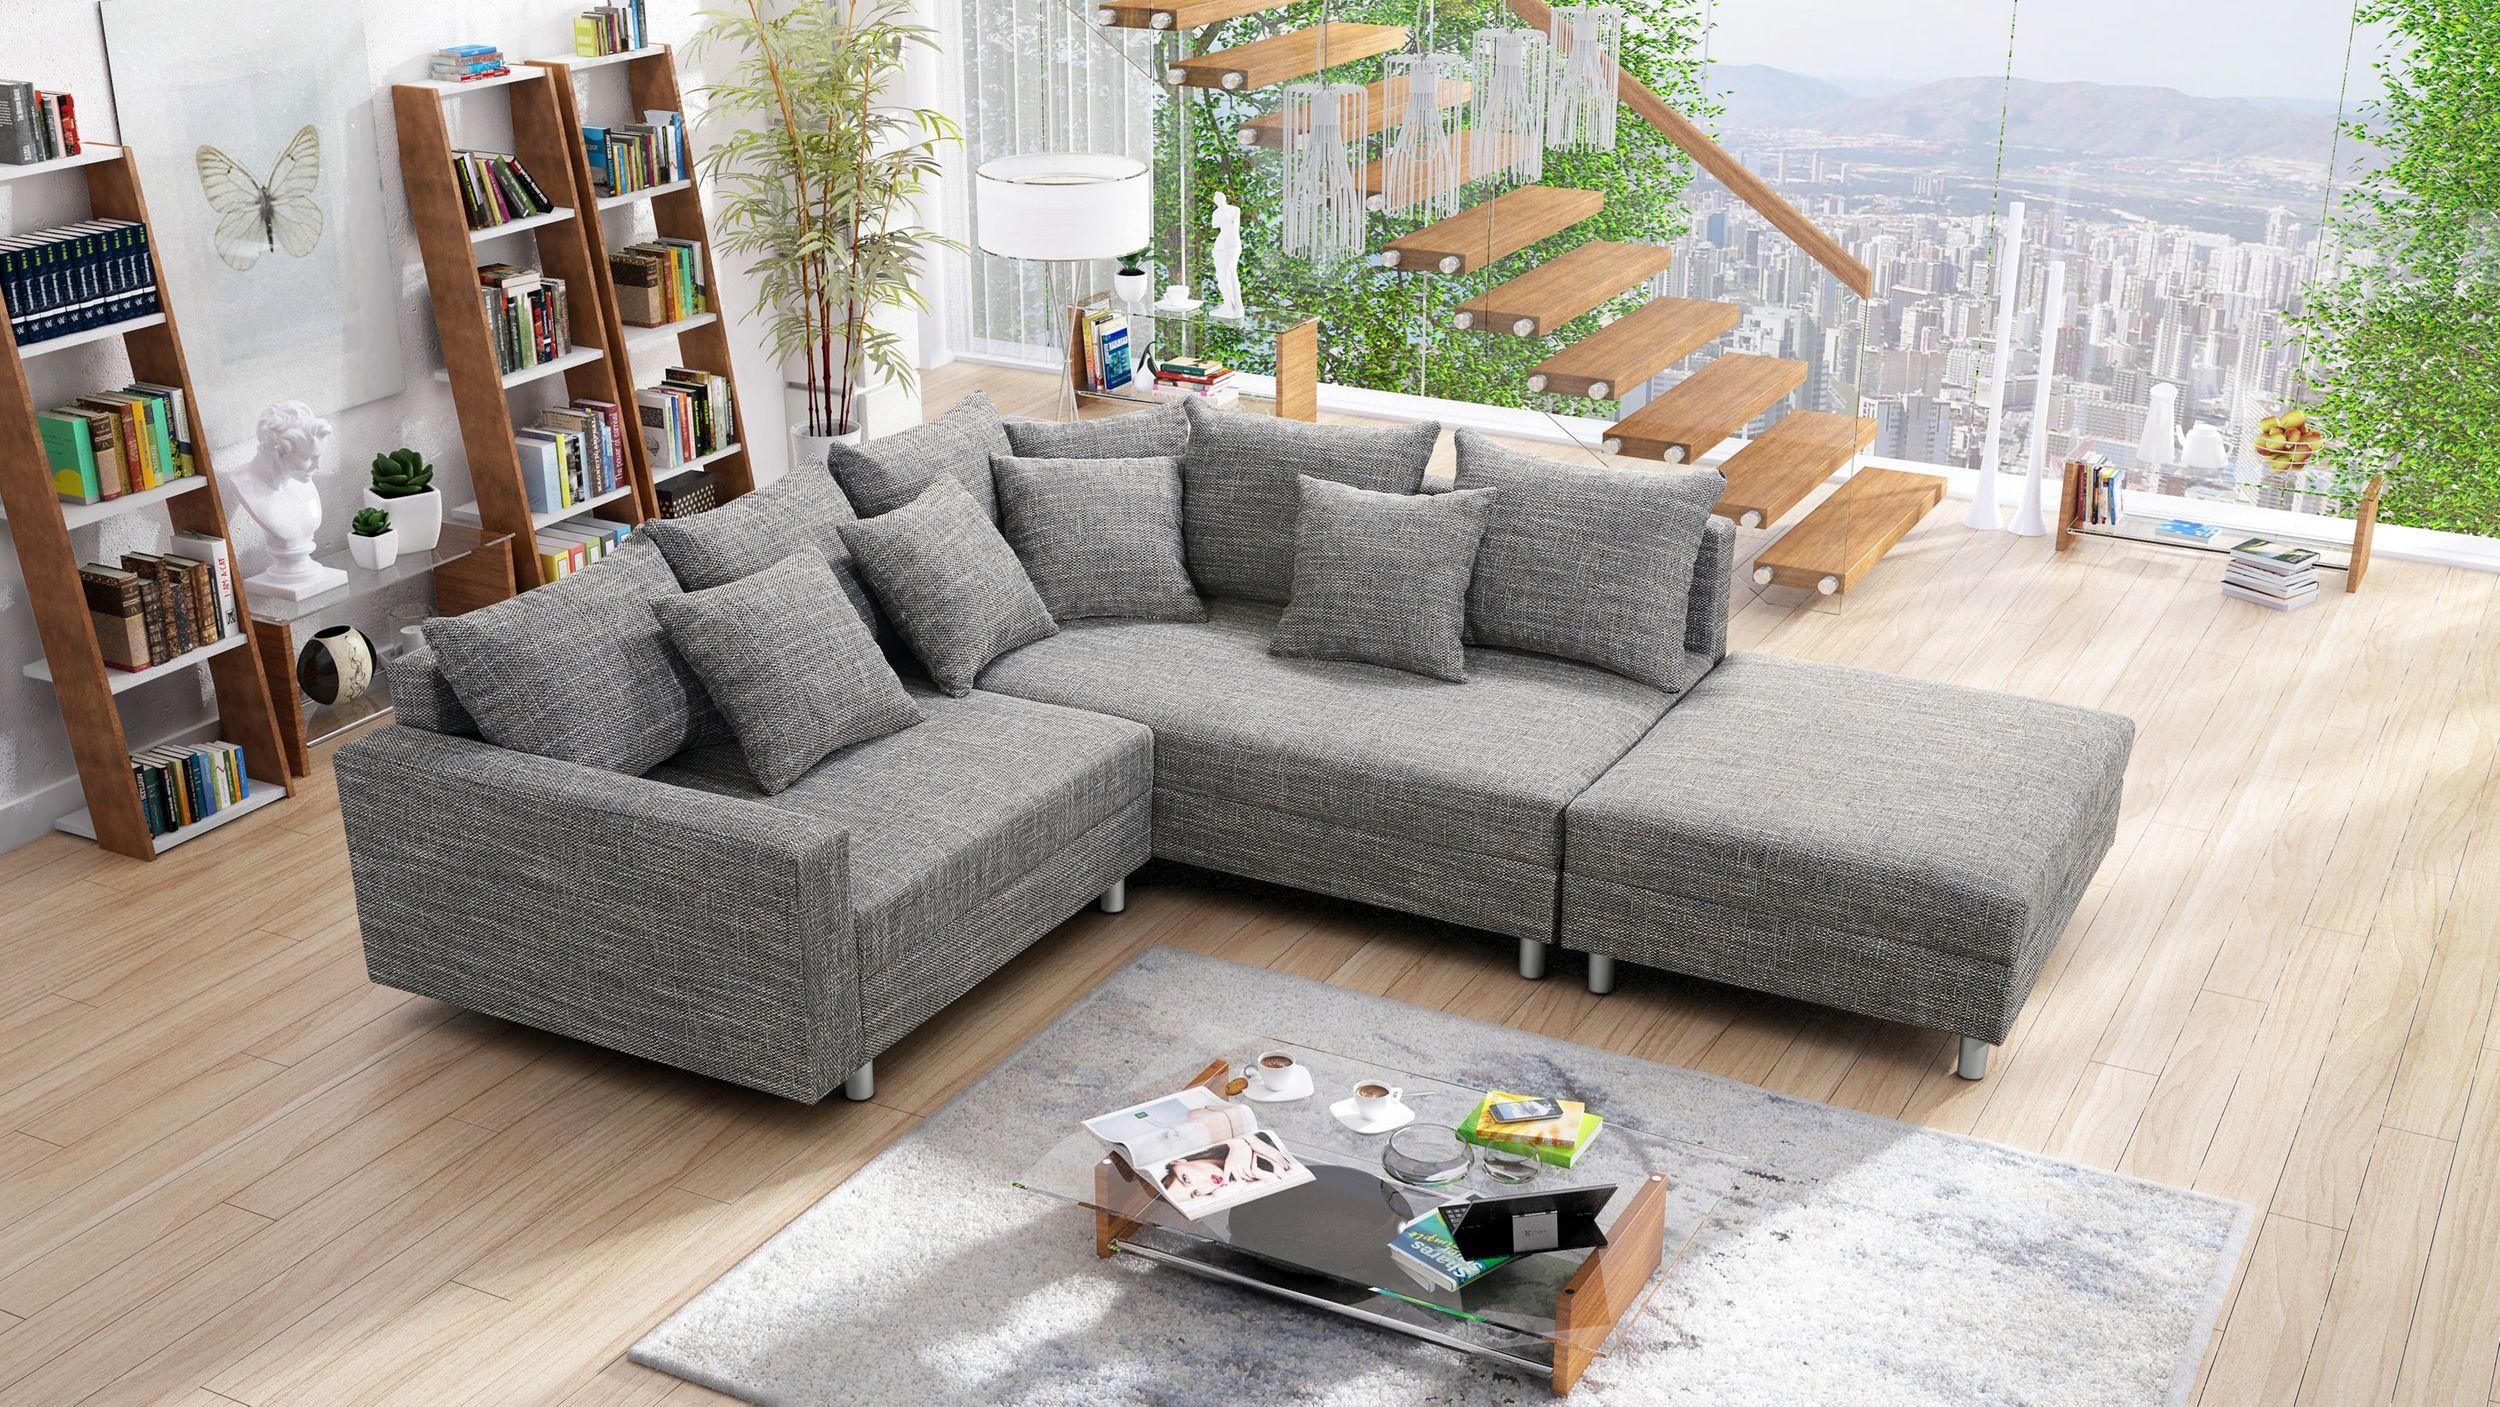 Full Size of Modernes Sofa Couch Ecksofa Eckcouch In Gewebestoff Hellgrau Mit Stoff Polsterreiniger Big Leder Sam Dreisitzer überzug Ikea Schlaffunktion Schilling Hay Mags Sofa Modernes Sofa